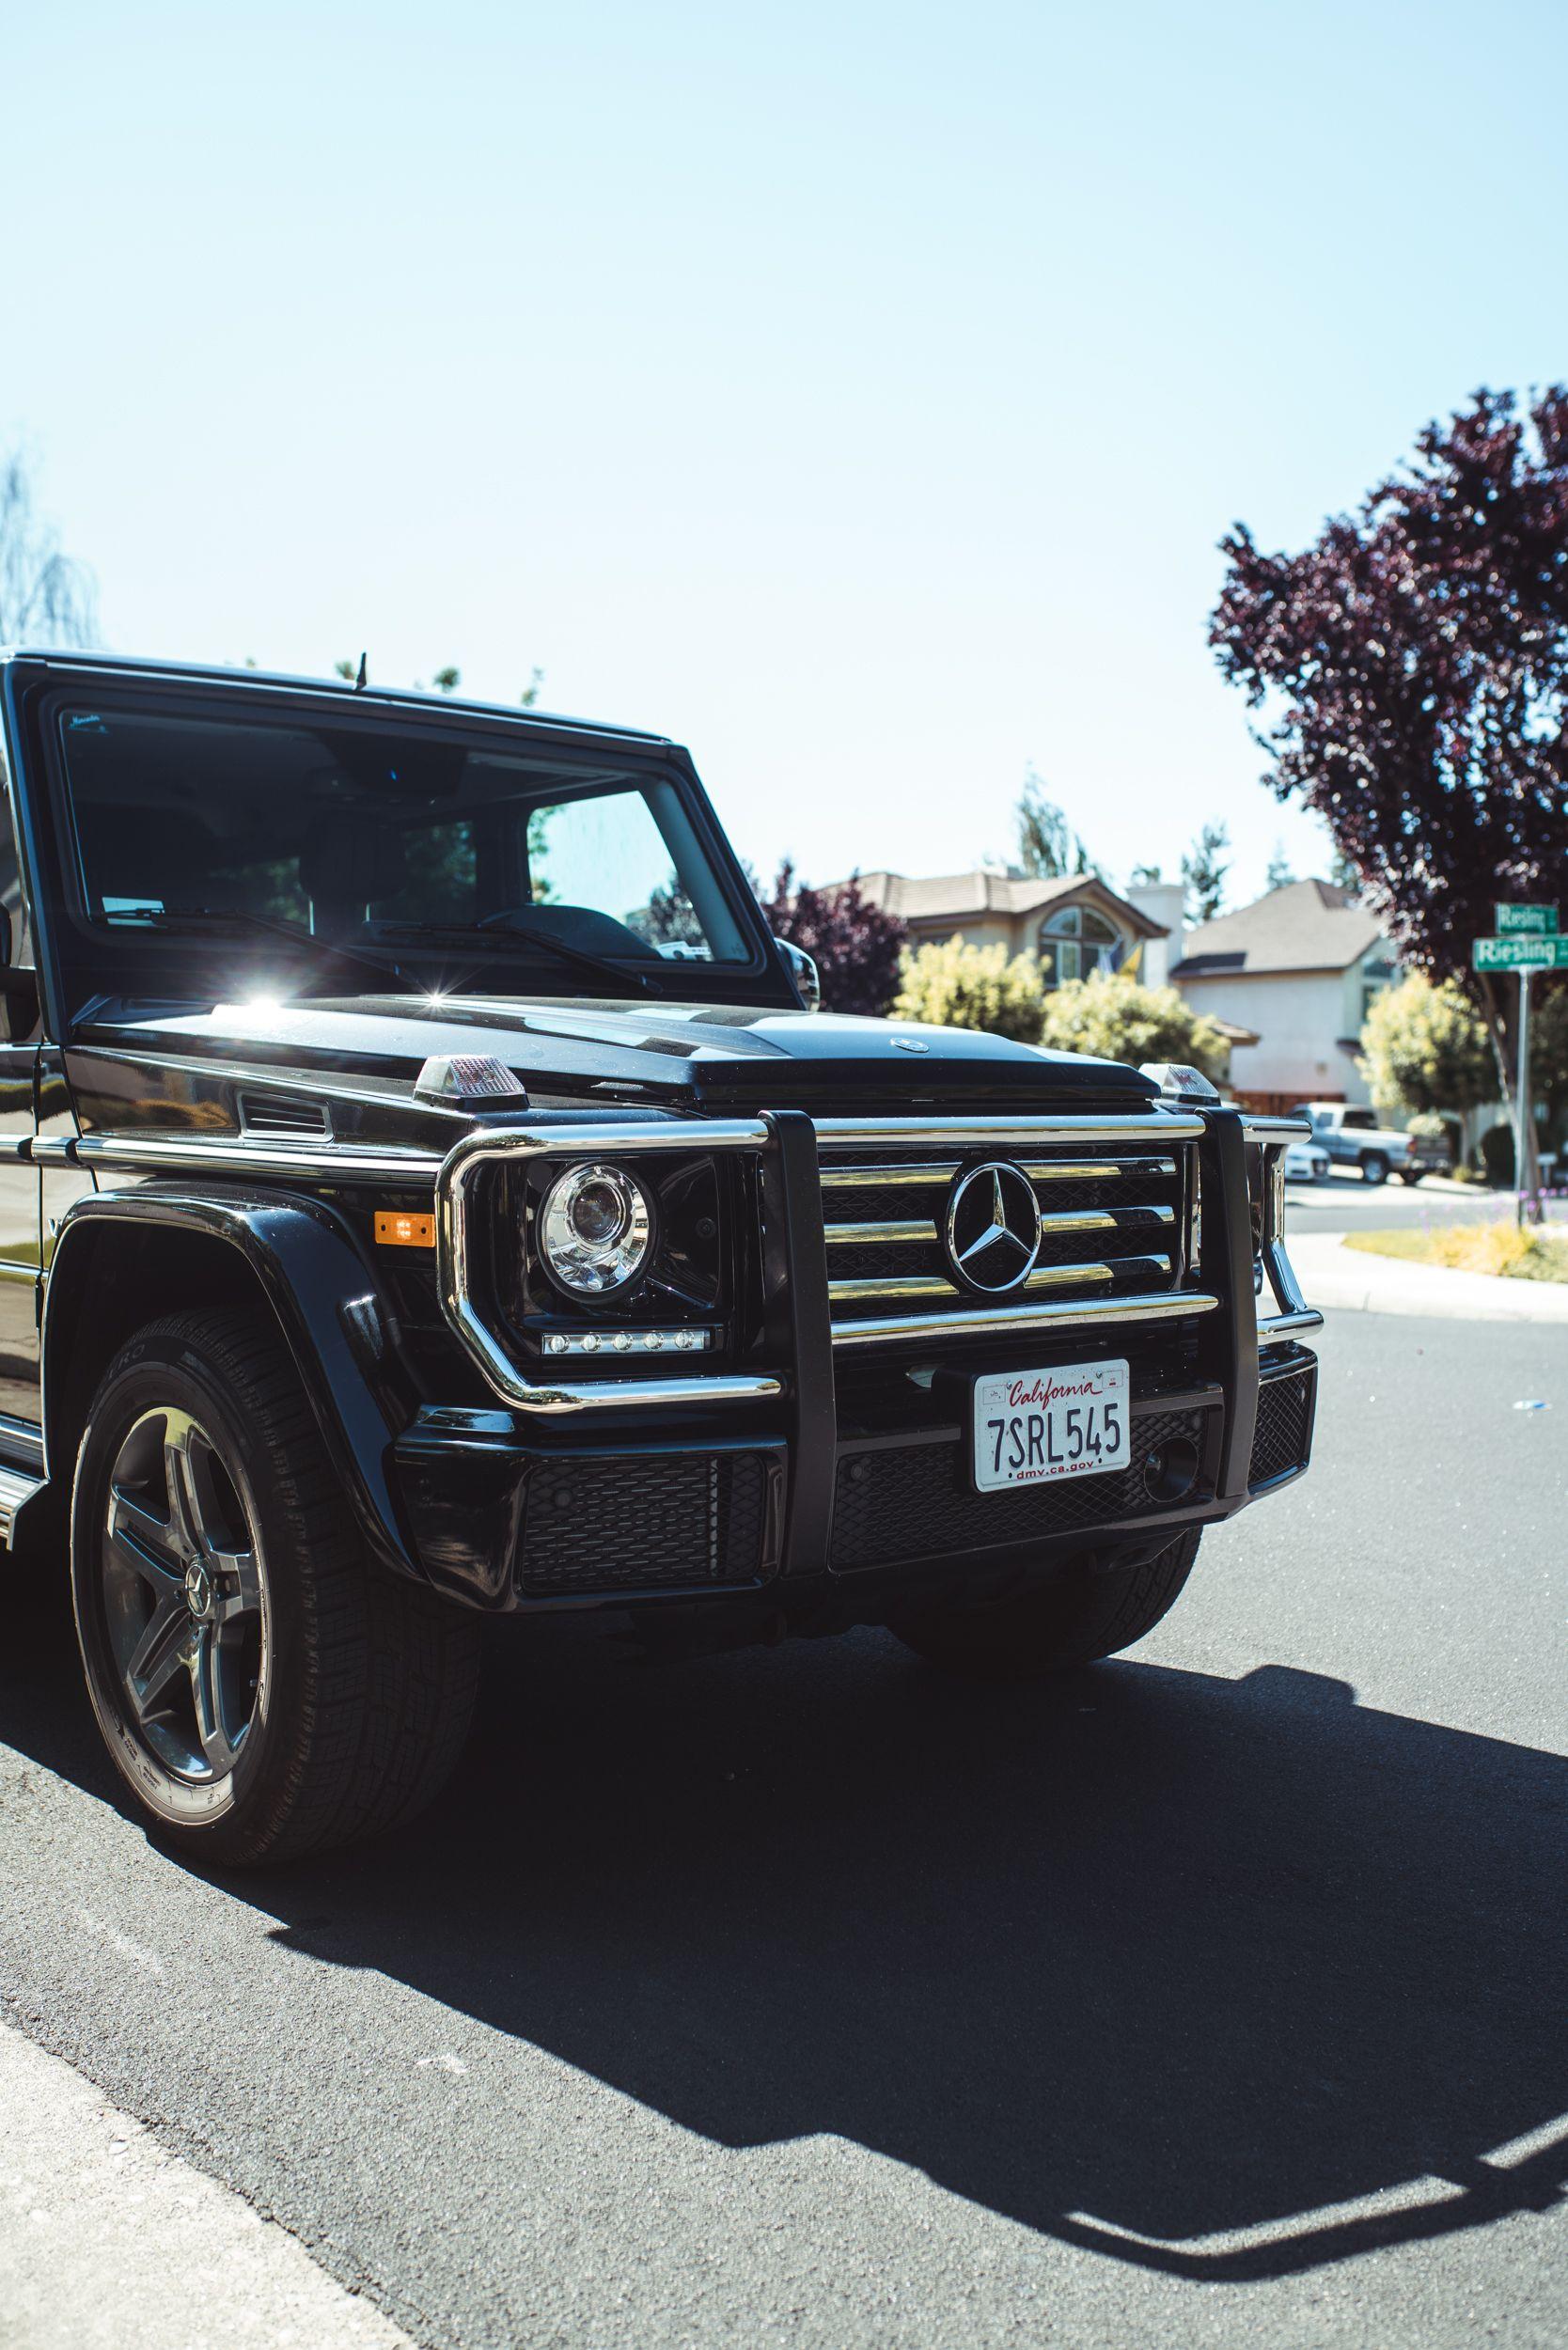 News About The Mercedes Benz G Class Benz G Mercedes Benz G